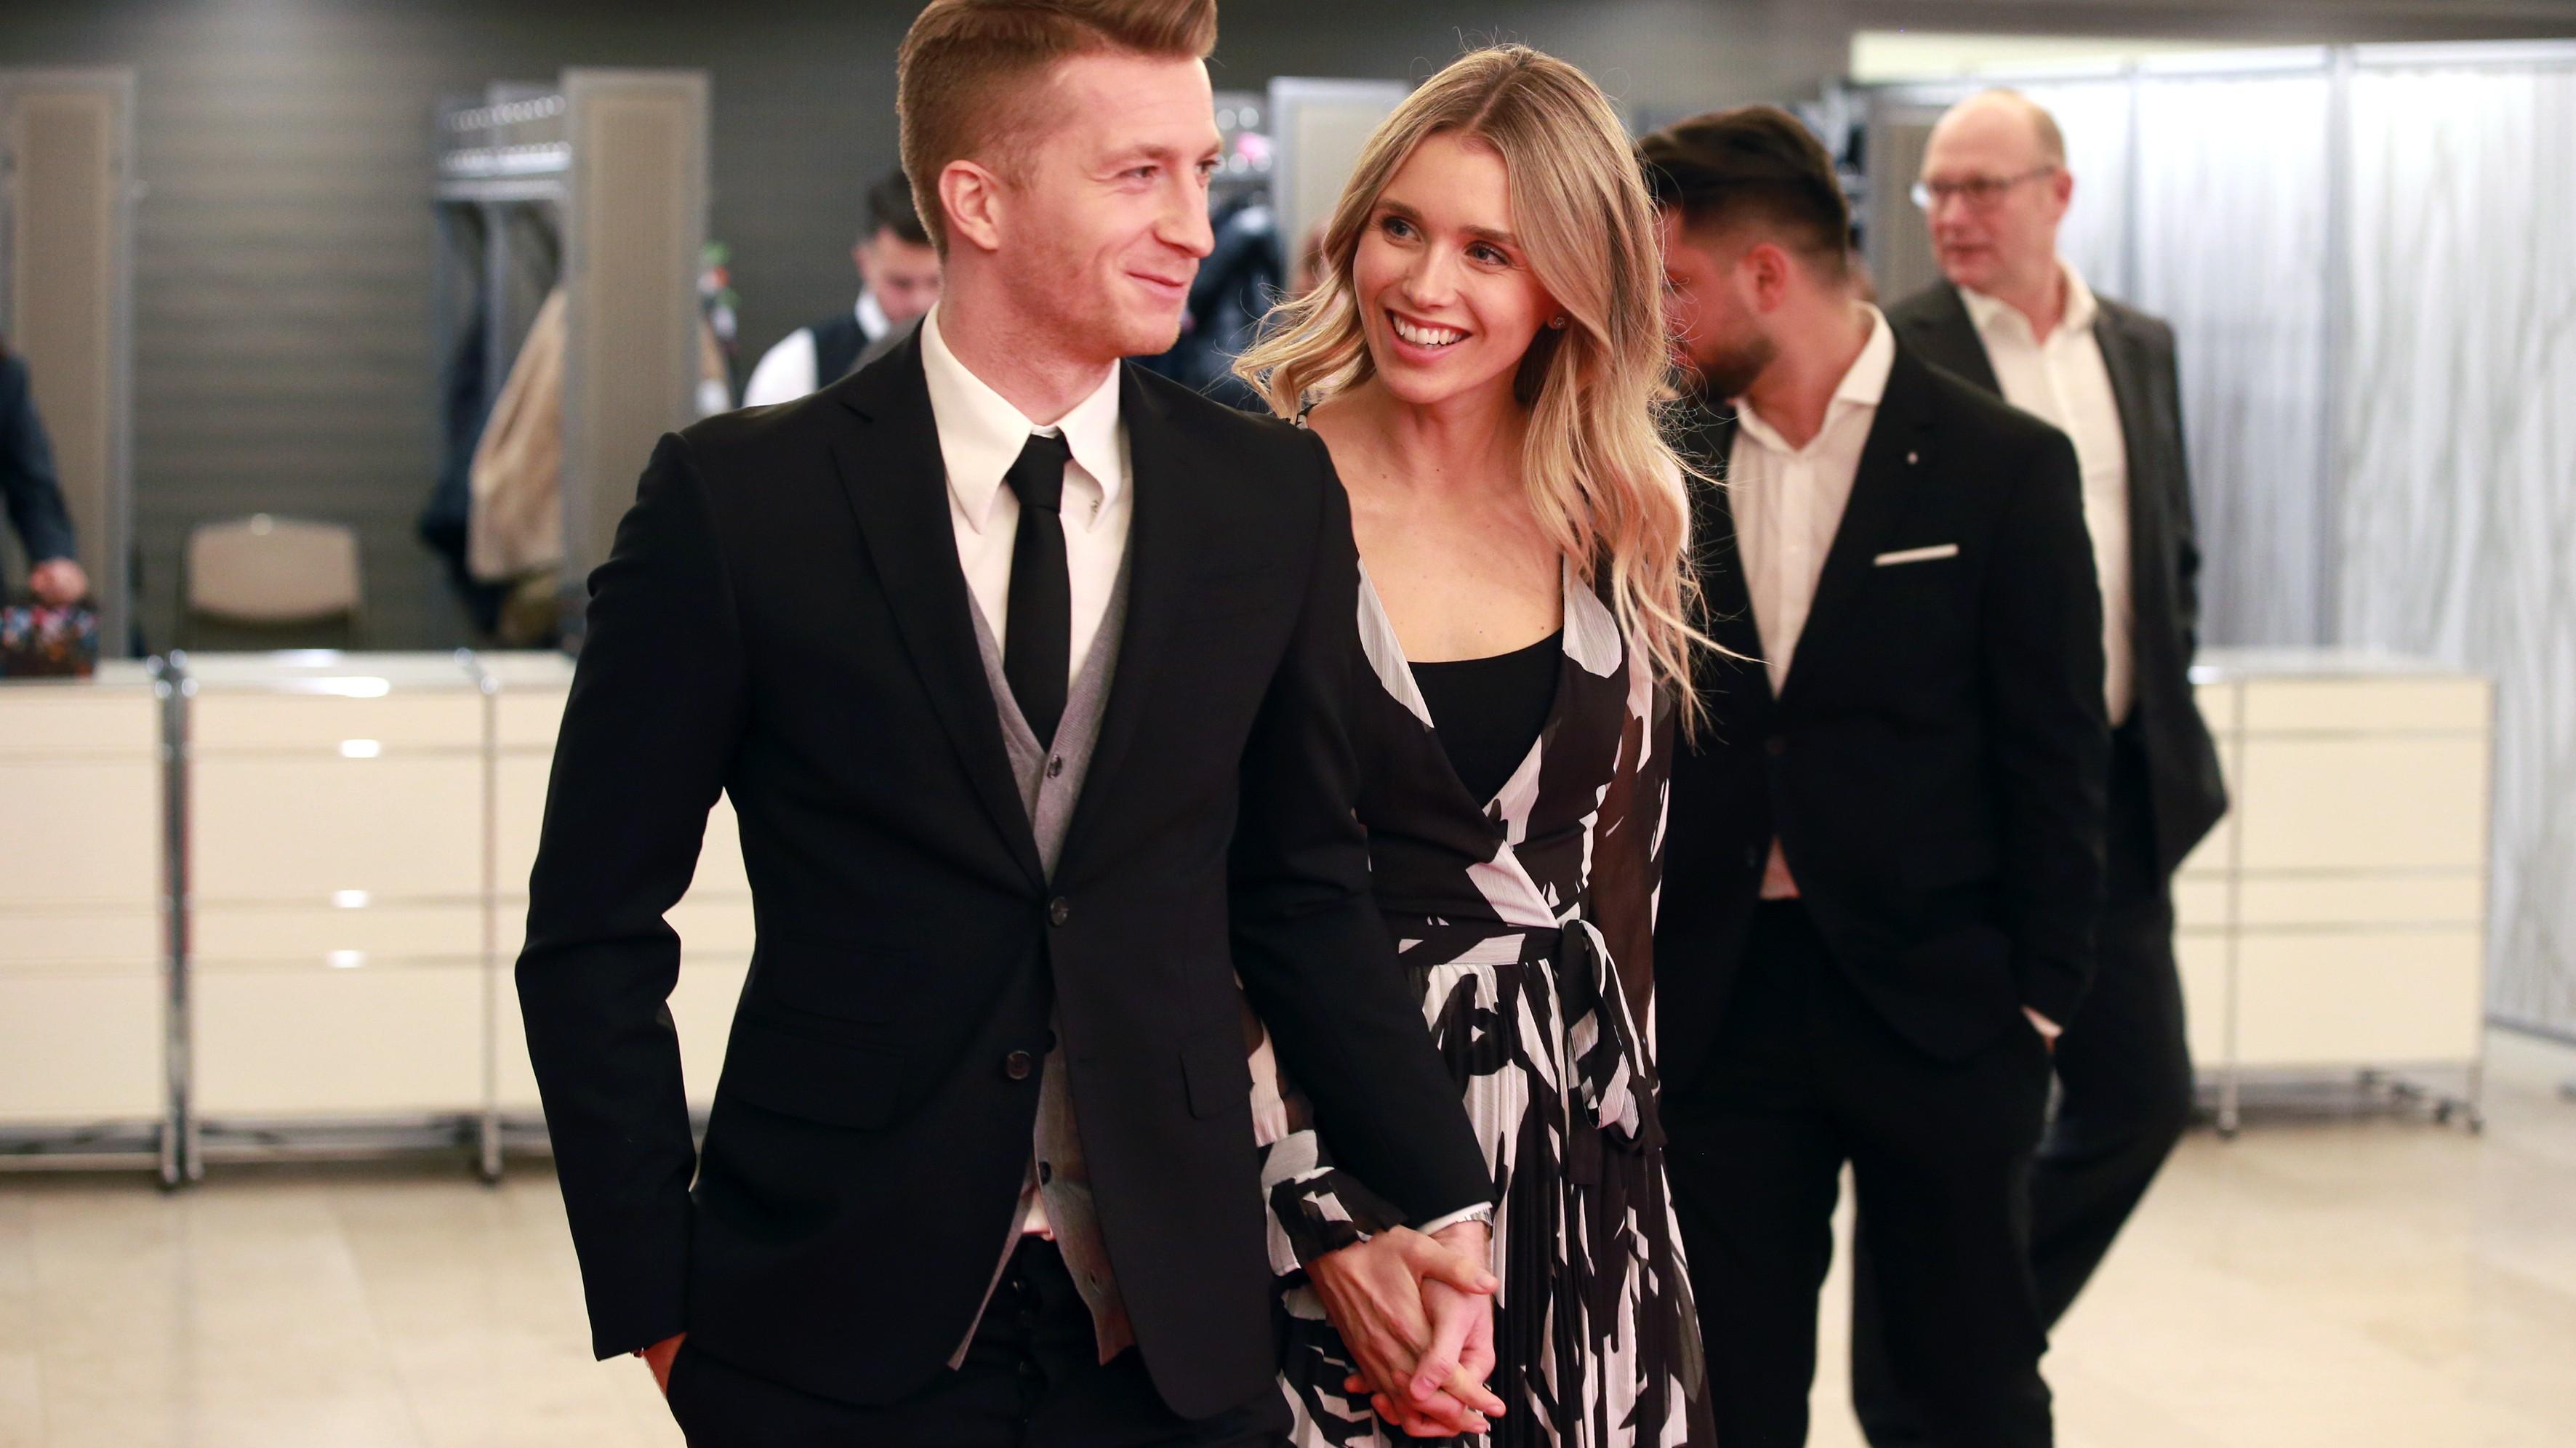 Marco Reus zeigt heimliche Hochzeit auf intimem Foto – alle Details zur Location, Band, Stylistin